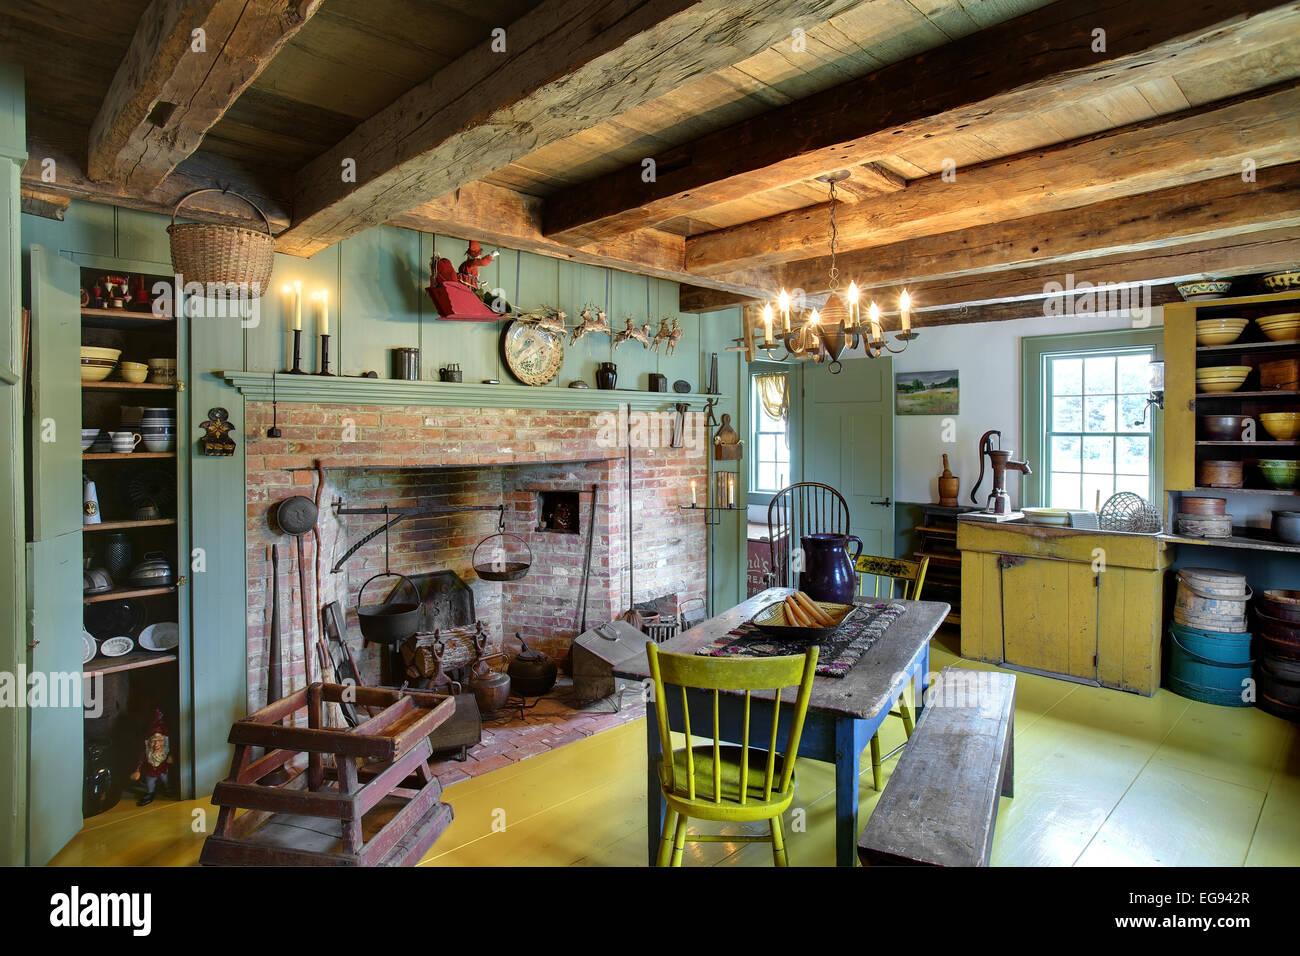 La cucina, sala da pranzo e caminetto in un edificio restaurato del ...